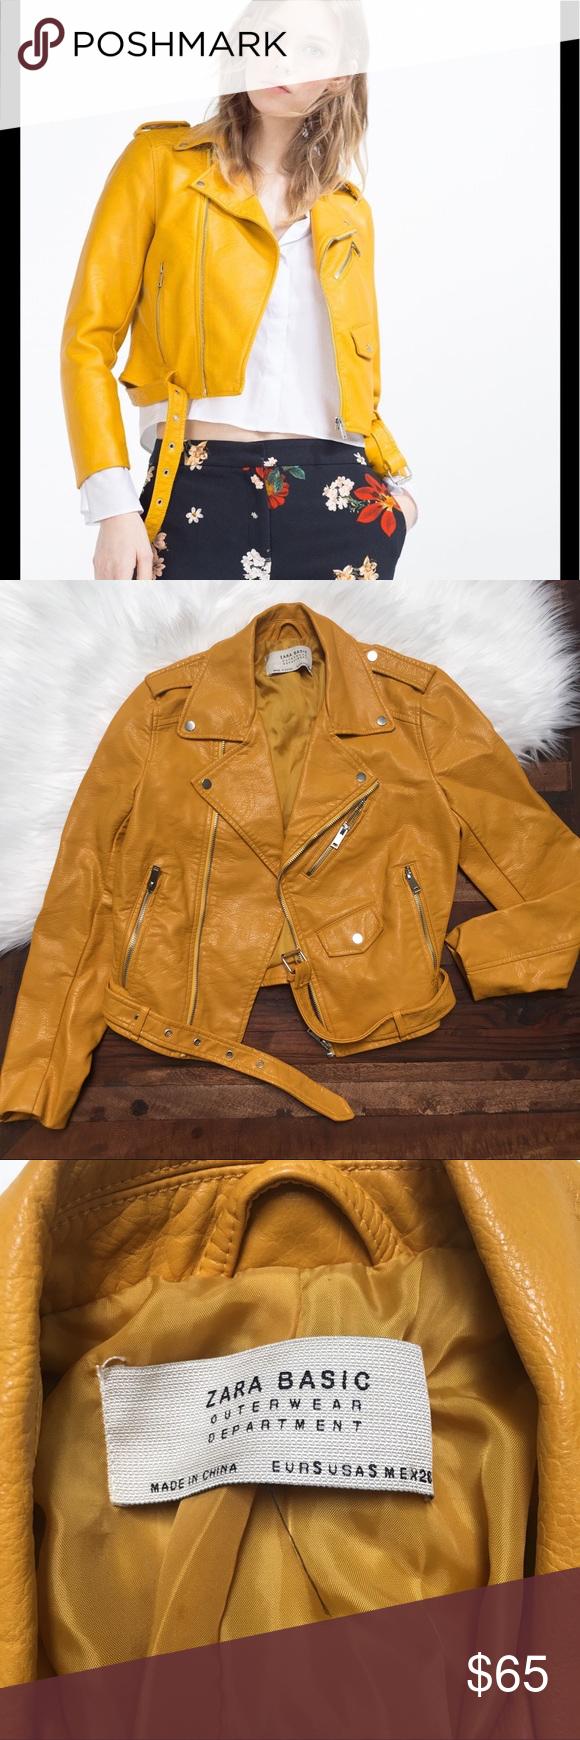 New Zara faux yellow moto jacket Jackets, Zara, Moto jacket